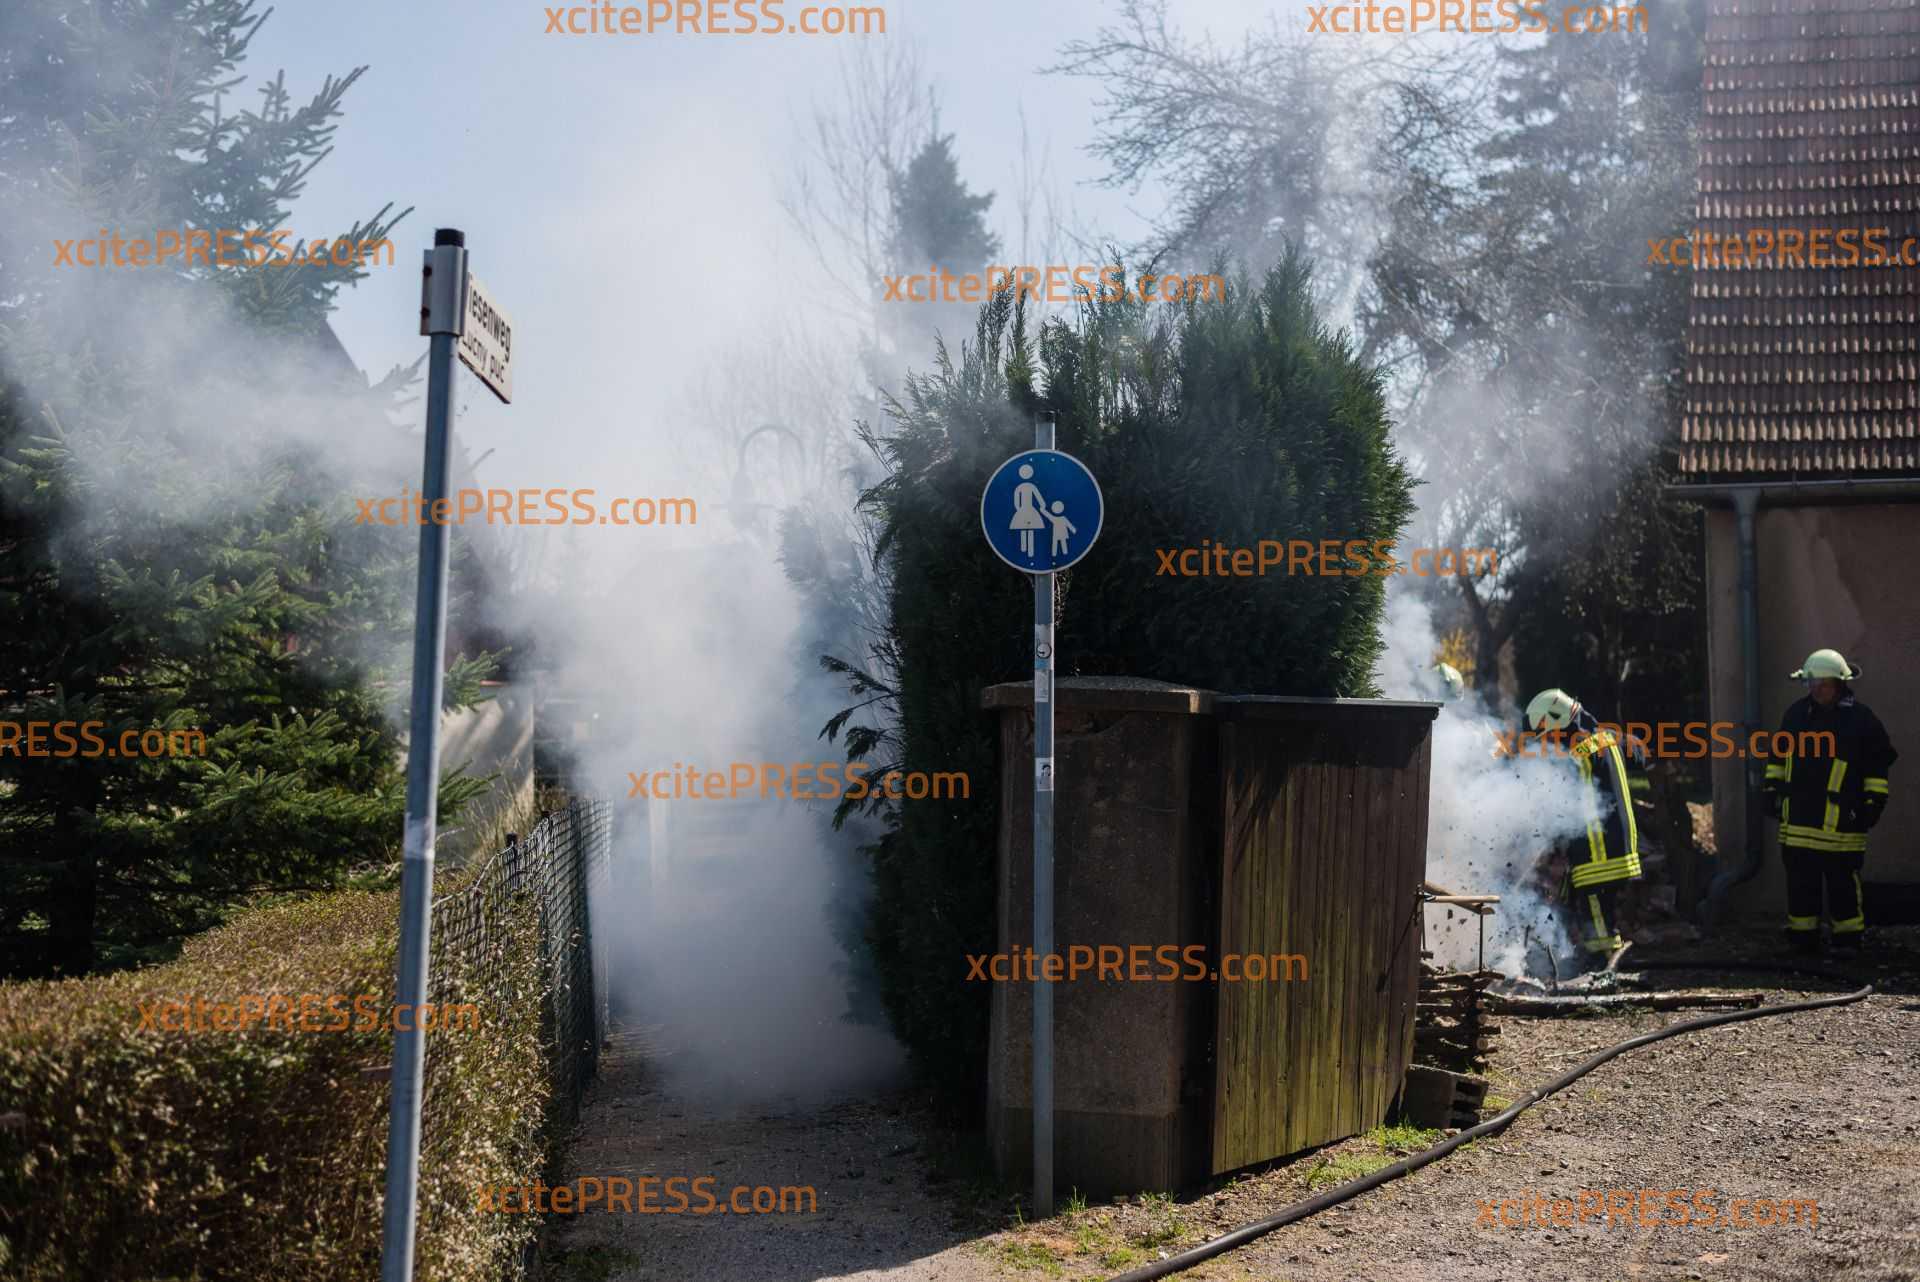 Feuerwehr kann Schlimmeres verhindern: Hecke brennt in Wohngebiet: Hohe Temperaturen sorgen für Brandgefahren